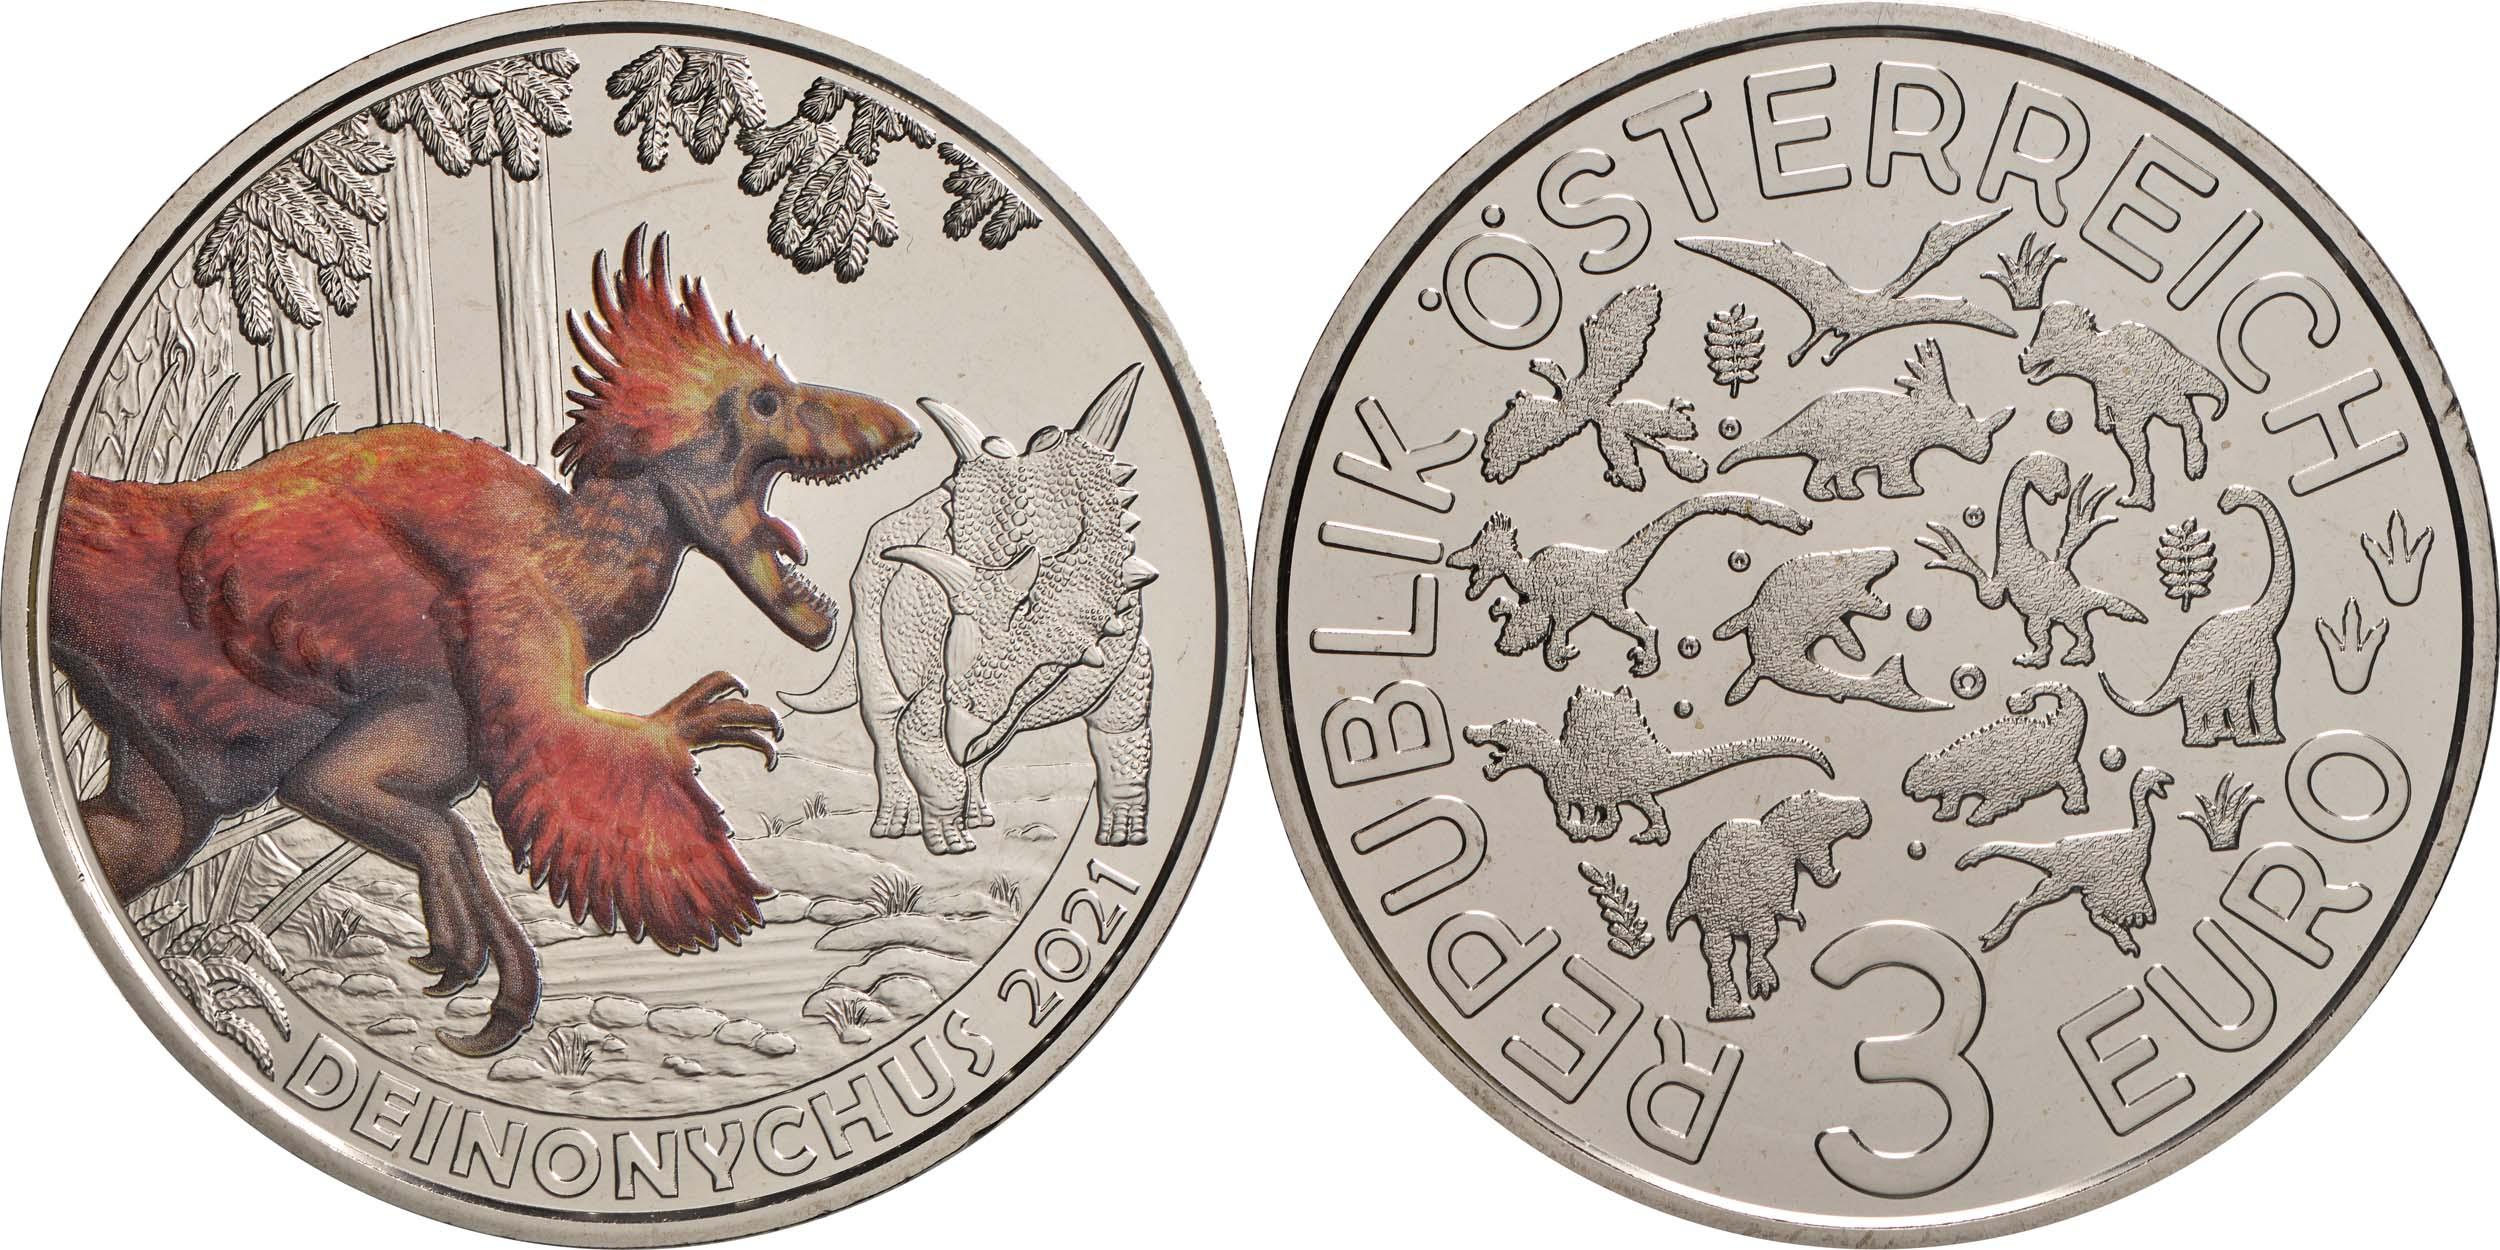 Lieferumfang:Österreich : 3 Euro Deinonychus antirrhopus - Der cleverste Saurier  2021 Stgl.